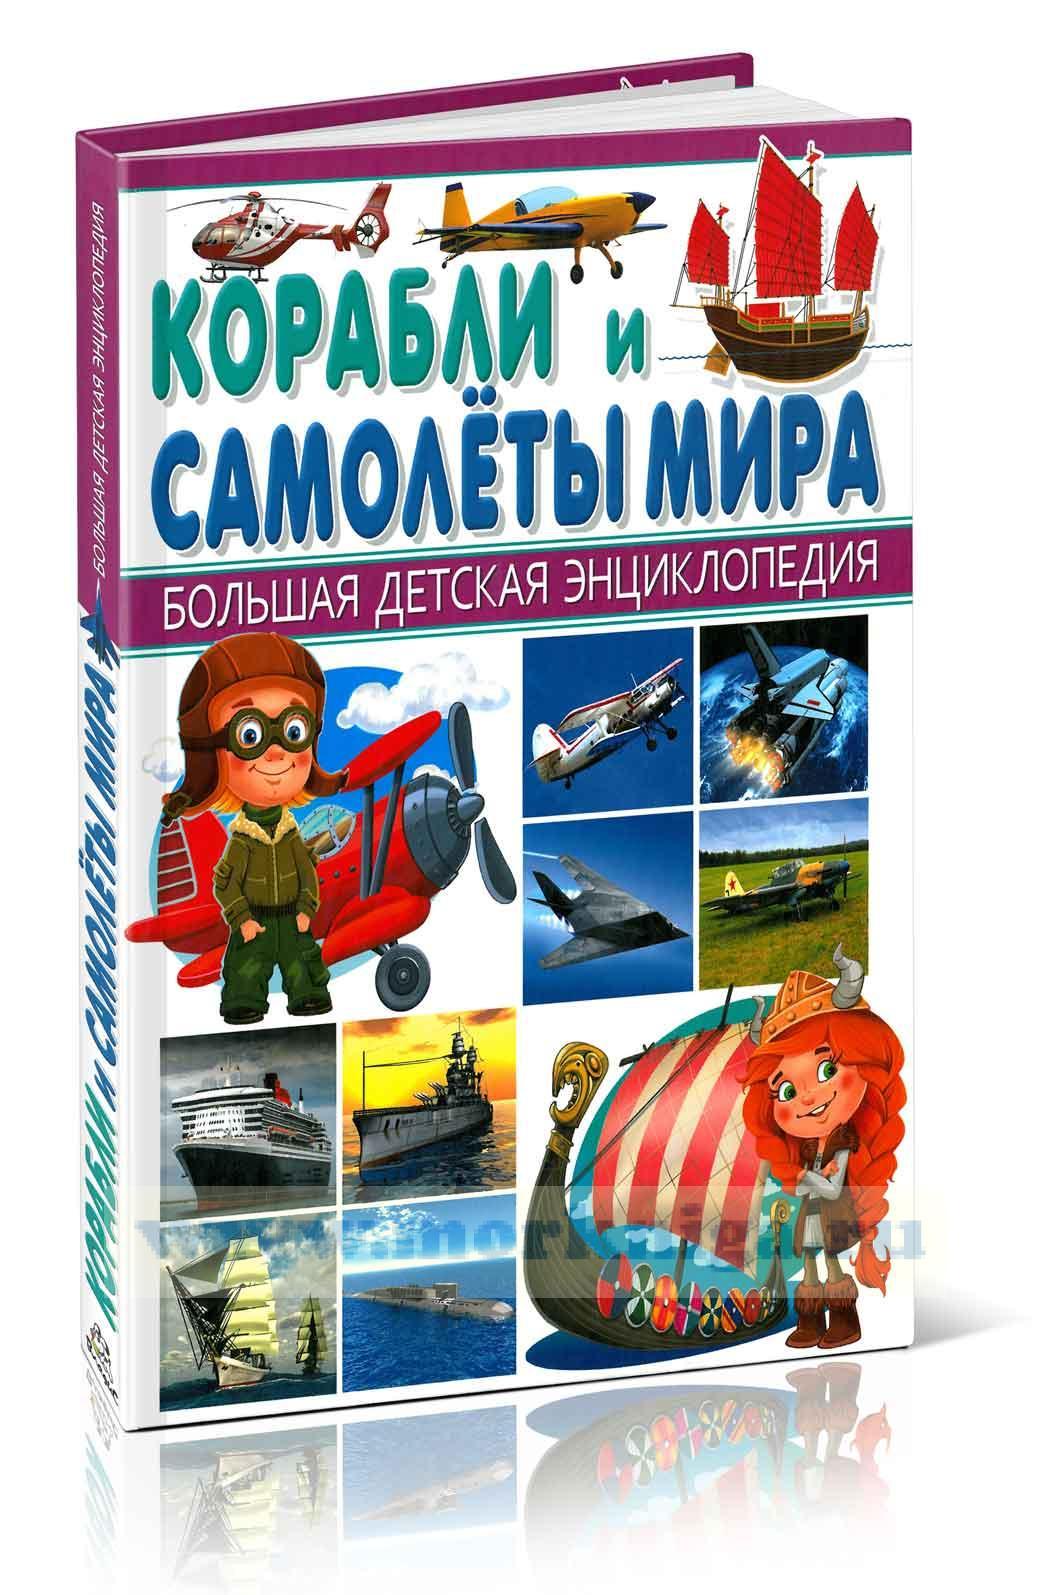 Корабли и самолеты мира. Большая детская энциклопедия